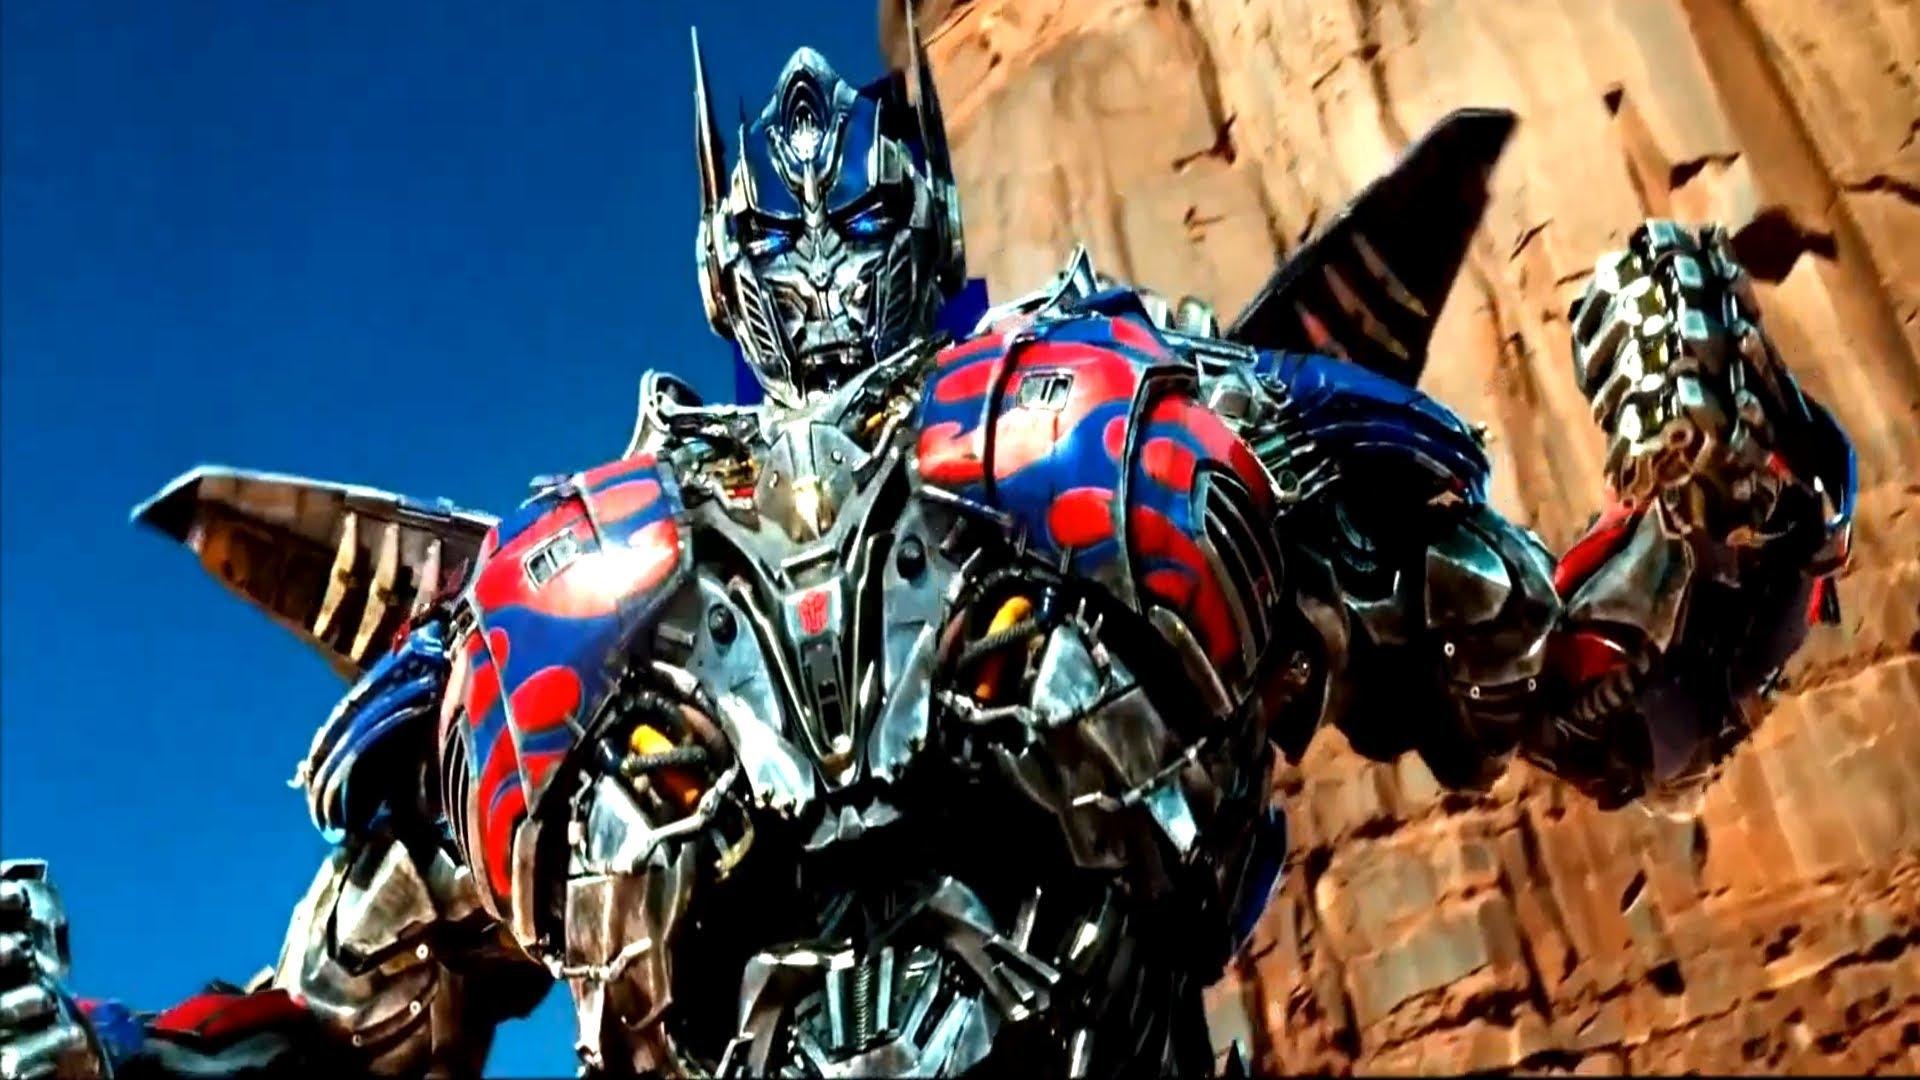 Original Transformers 4 Optimus Prime 2209476 Hd Wallpaper